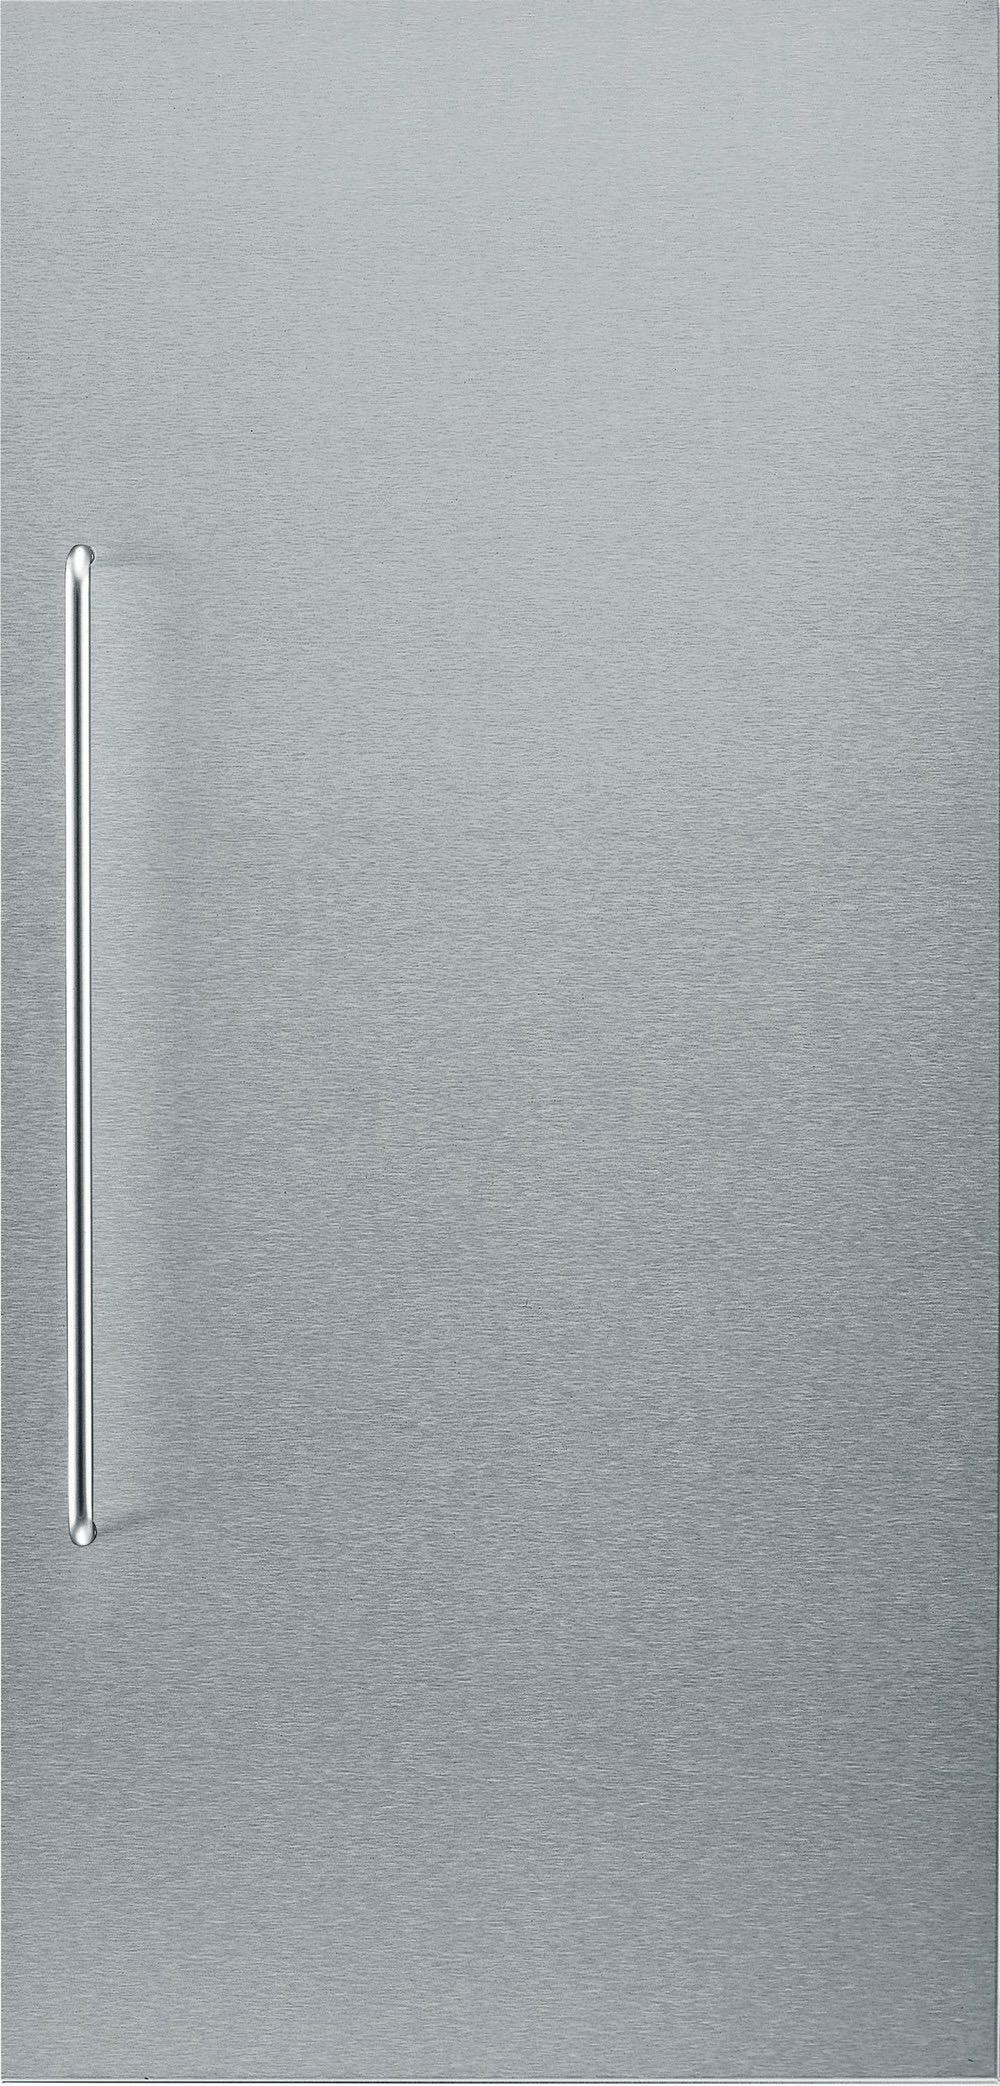 toebehoren koelkast Siemens Toebehoren KF40ZSX0 toebehoren koelkast KF 40ZSX0 KF 40 ZSX 0